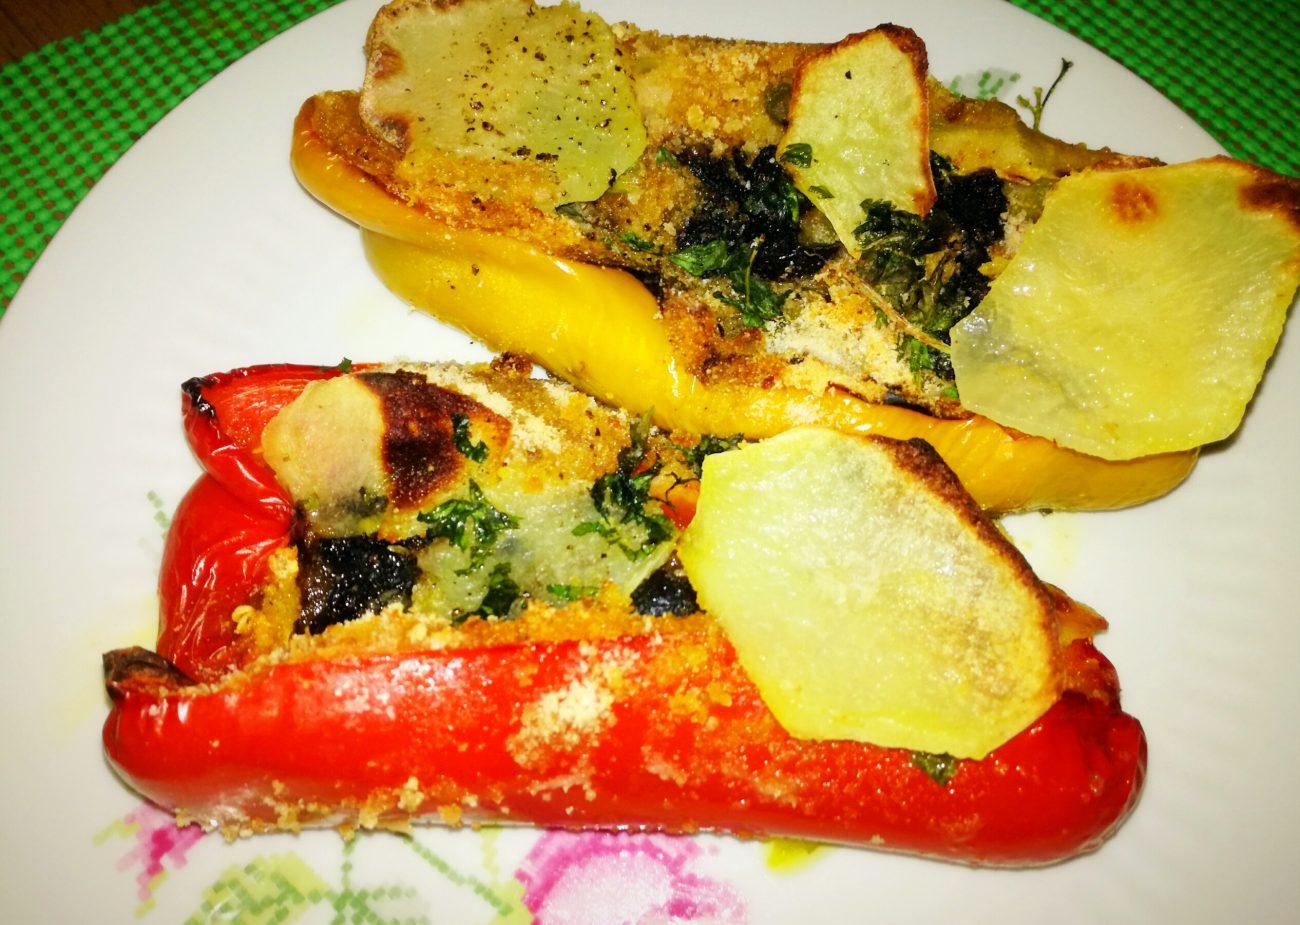 Barchette di peperoni e chips croccanti